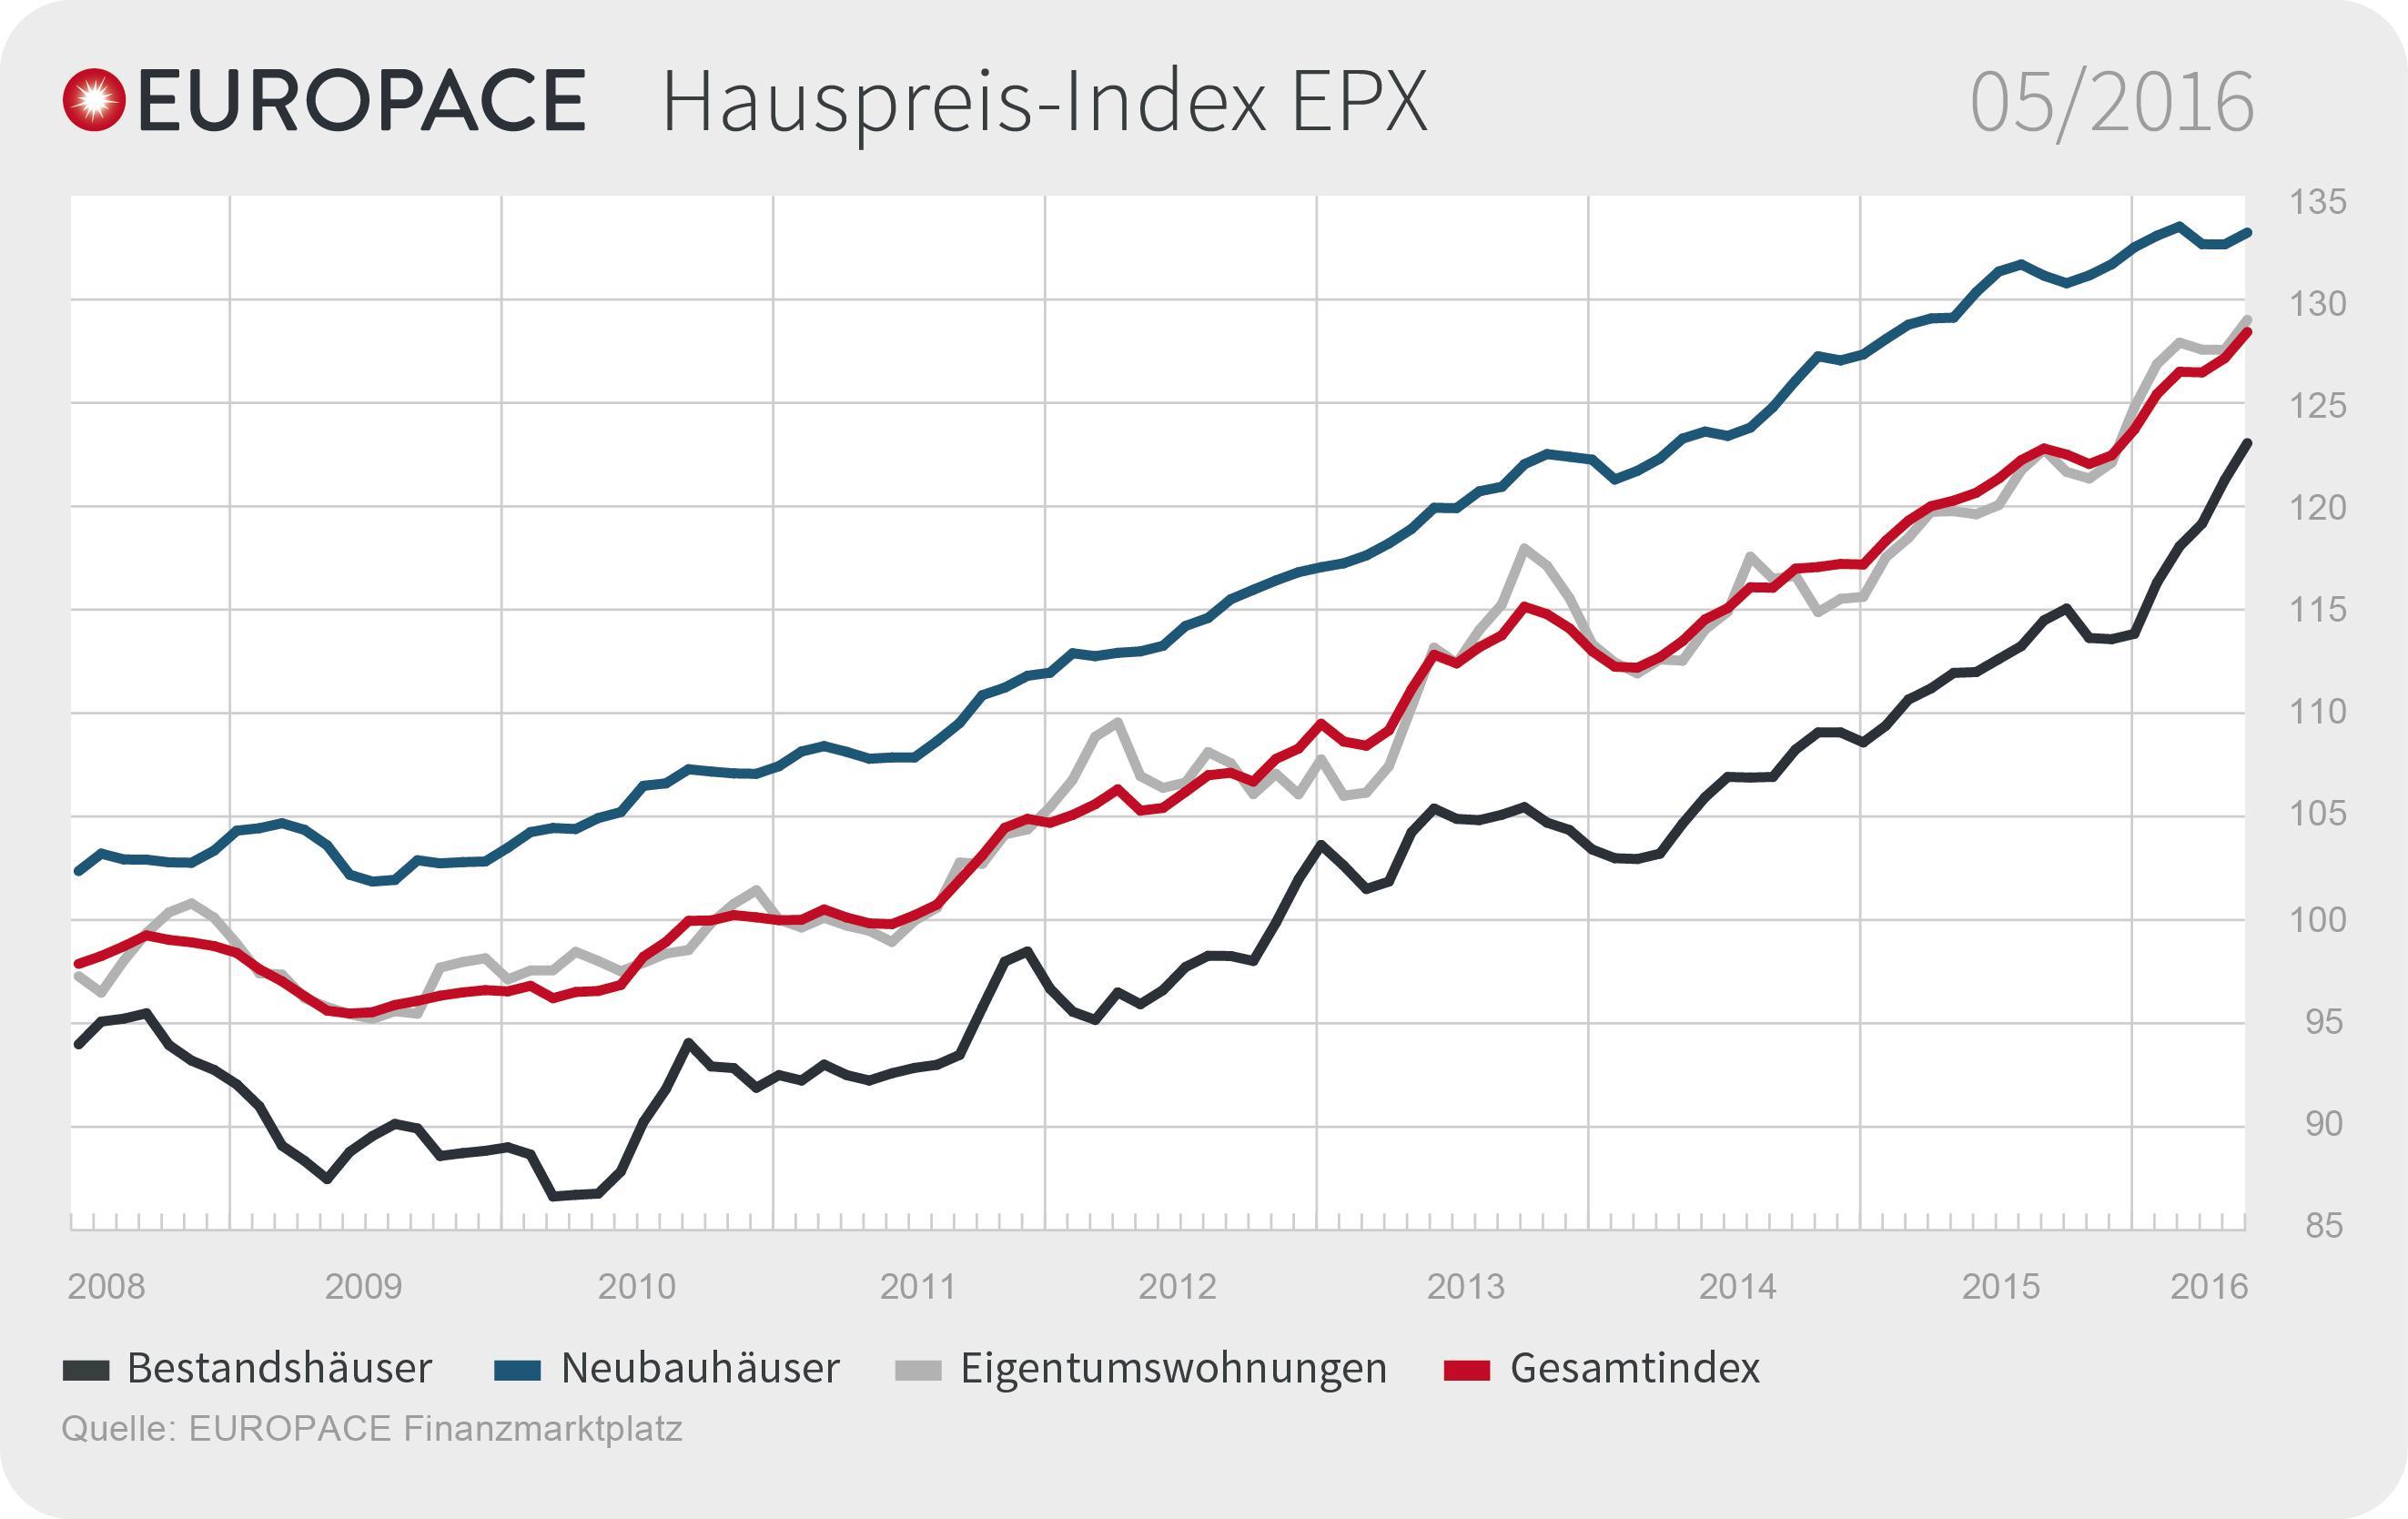 Epx Mai 2016 De in EPX: Anstieg der Immobilienpreise setzt sich fort